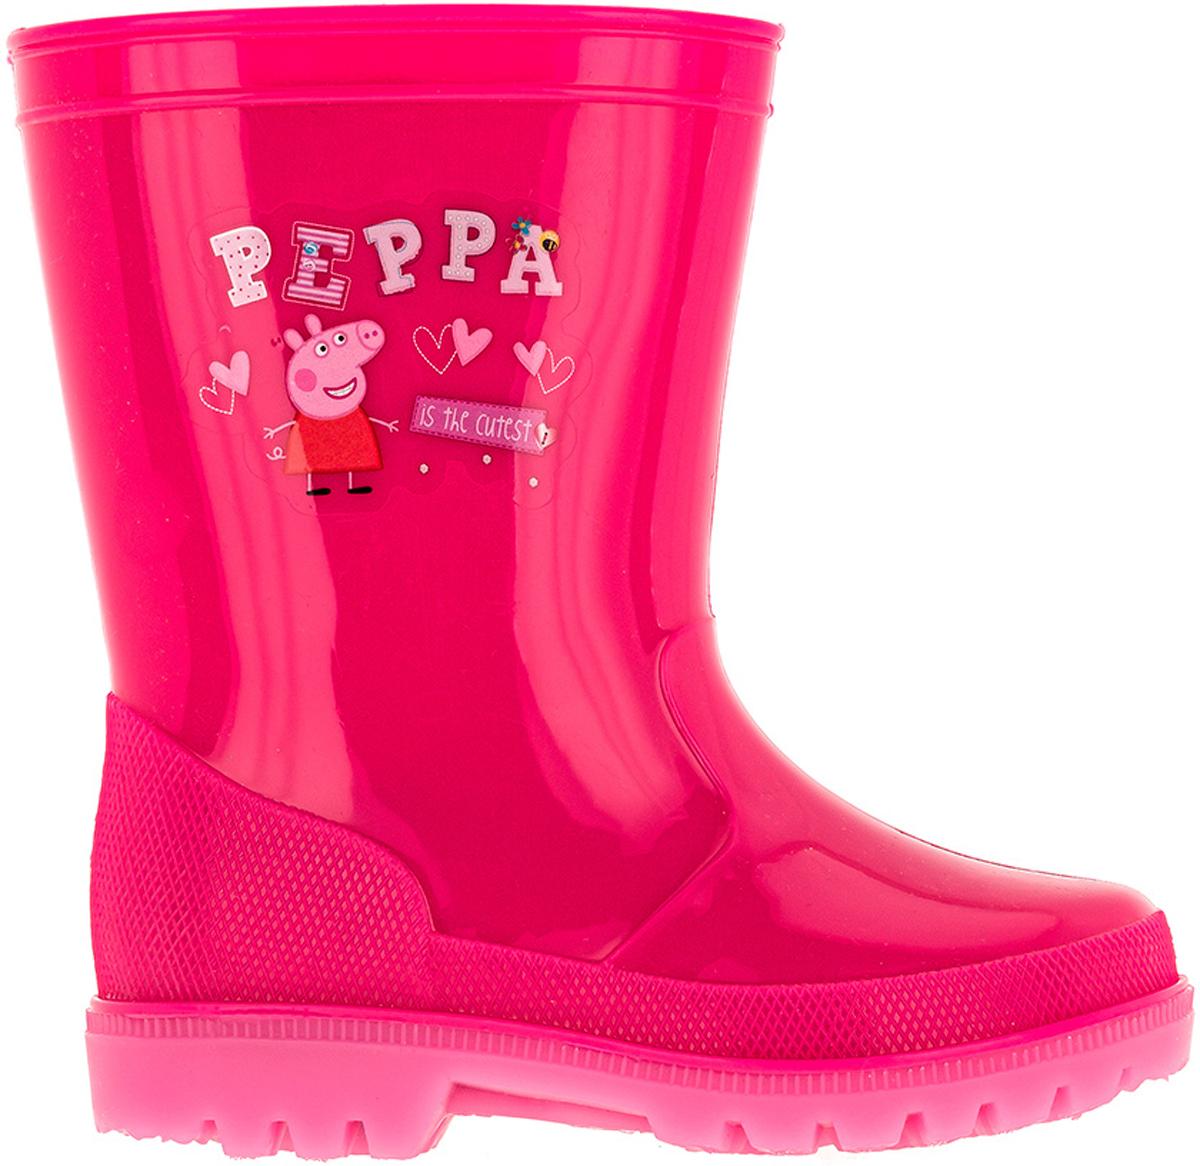 Сапоги резиновые для девочки Kakadu Peppa Pig, цвет: фуксия. 6751A. Размер 276751AМодные резиновые сапоги от Kakadu - идеальная обувь в дождливую погоду для вашей девочки. Модель оформлена принтом с изображением Свинки Пеппы. Внутренняя поверхность и стелька из текстиля способствуют поддержанию тепла и комфортны при ходьбе. Подошва с протектором гарантирует отличное сцепление с любой поверхностью. Резиновые сапоги - необходимая вещь в гардеробе каждого ребенка.